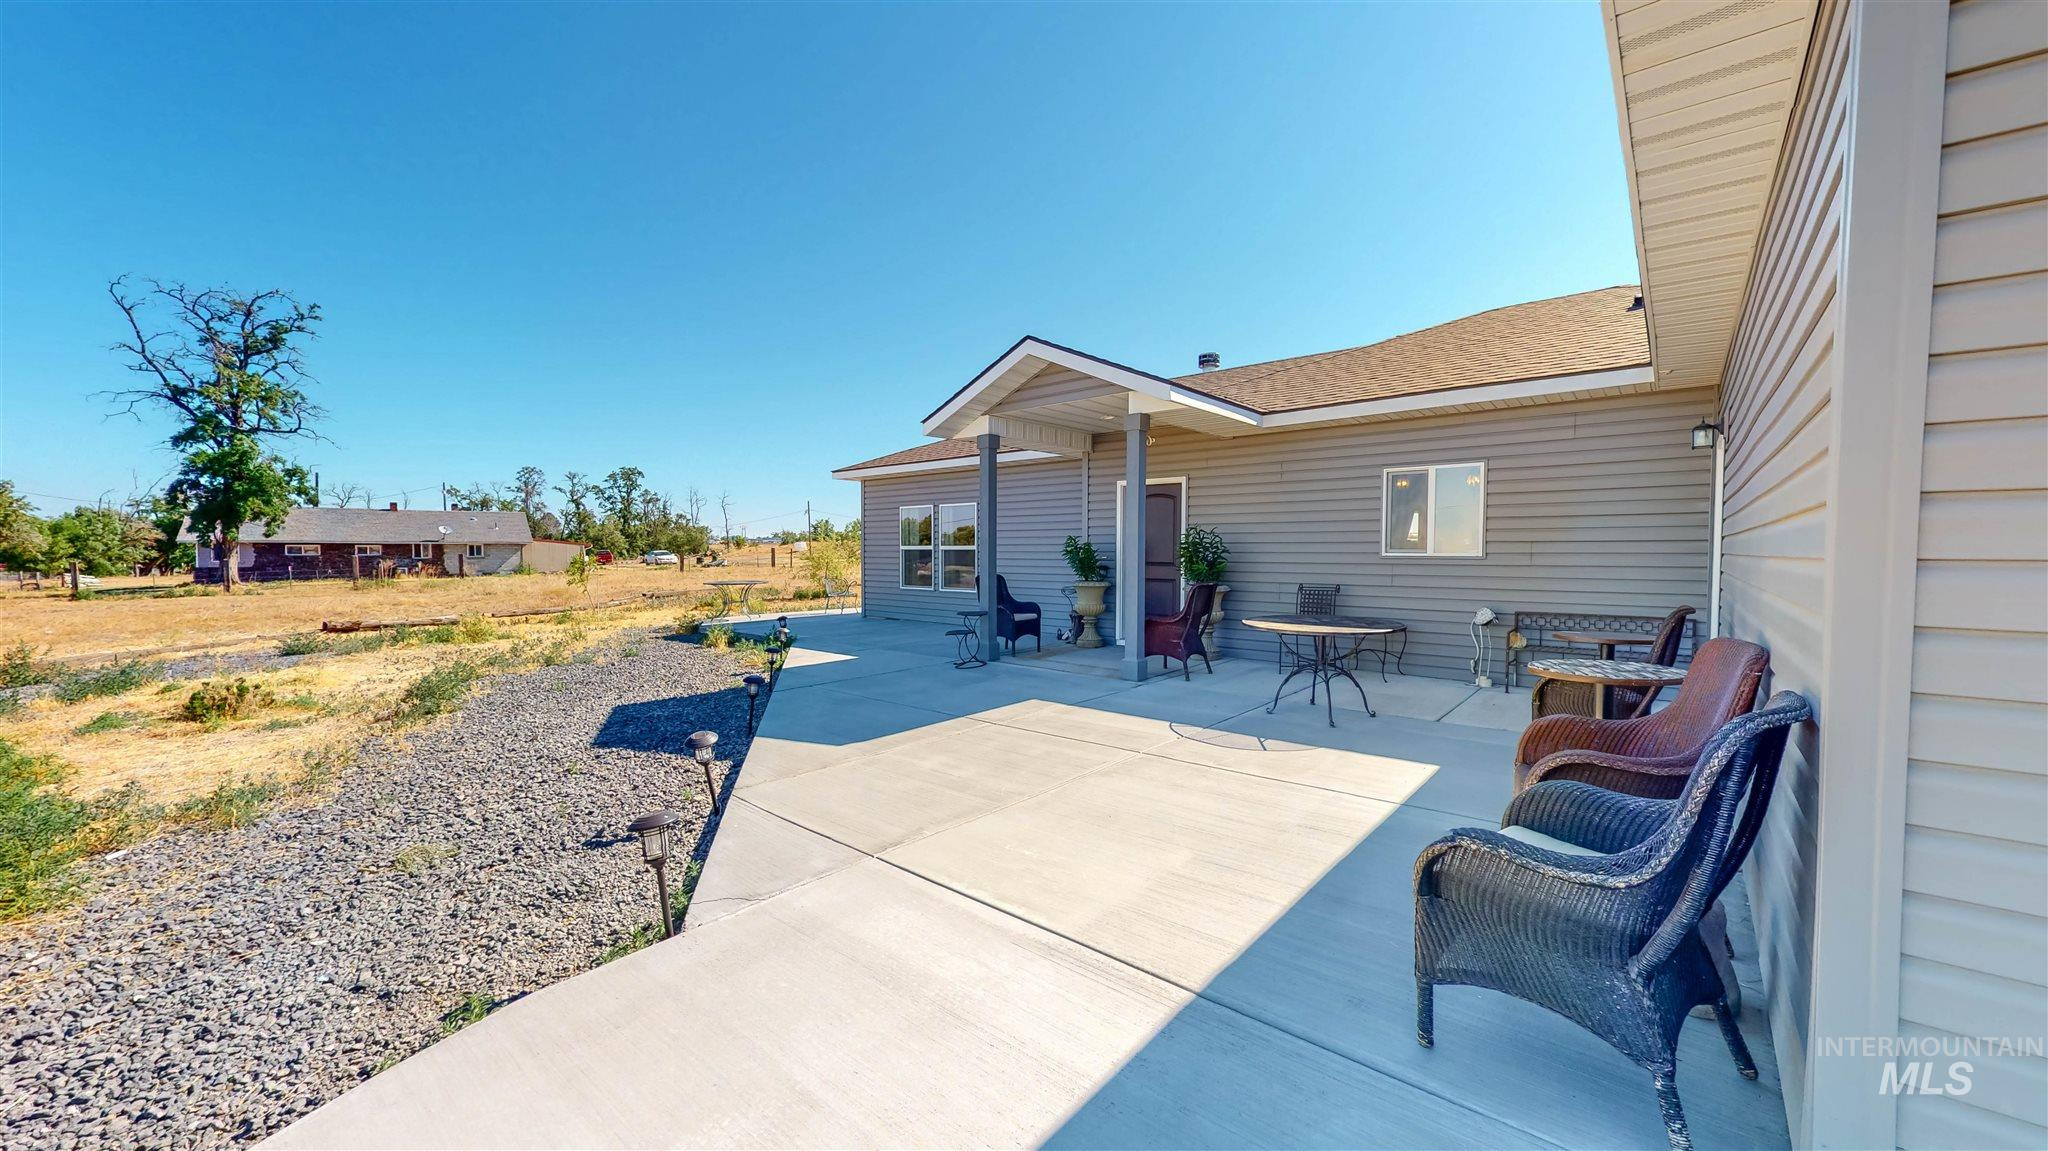 2 E 332 S Property Photo 1